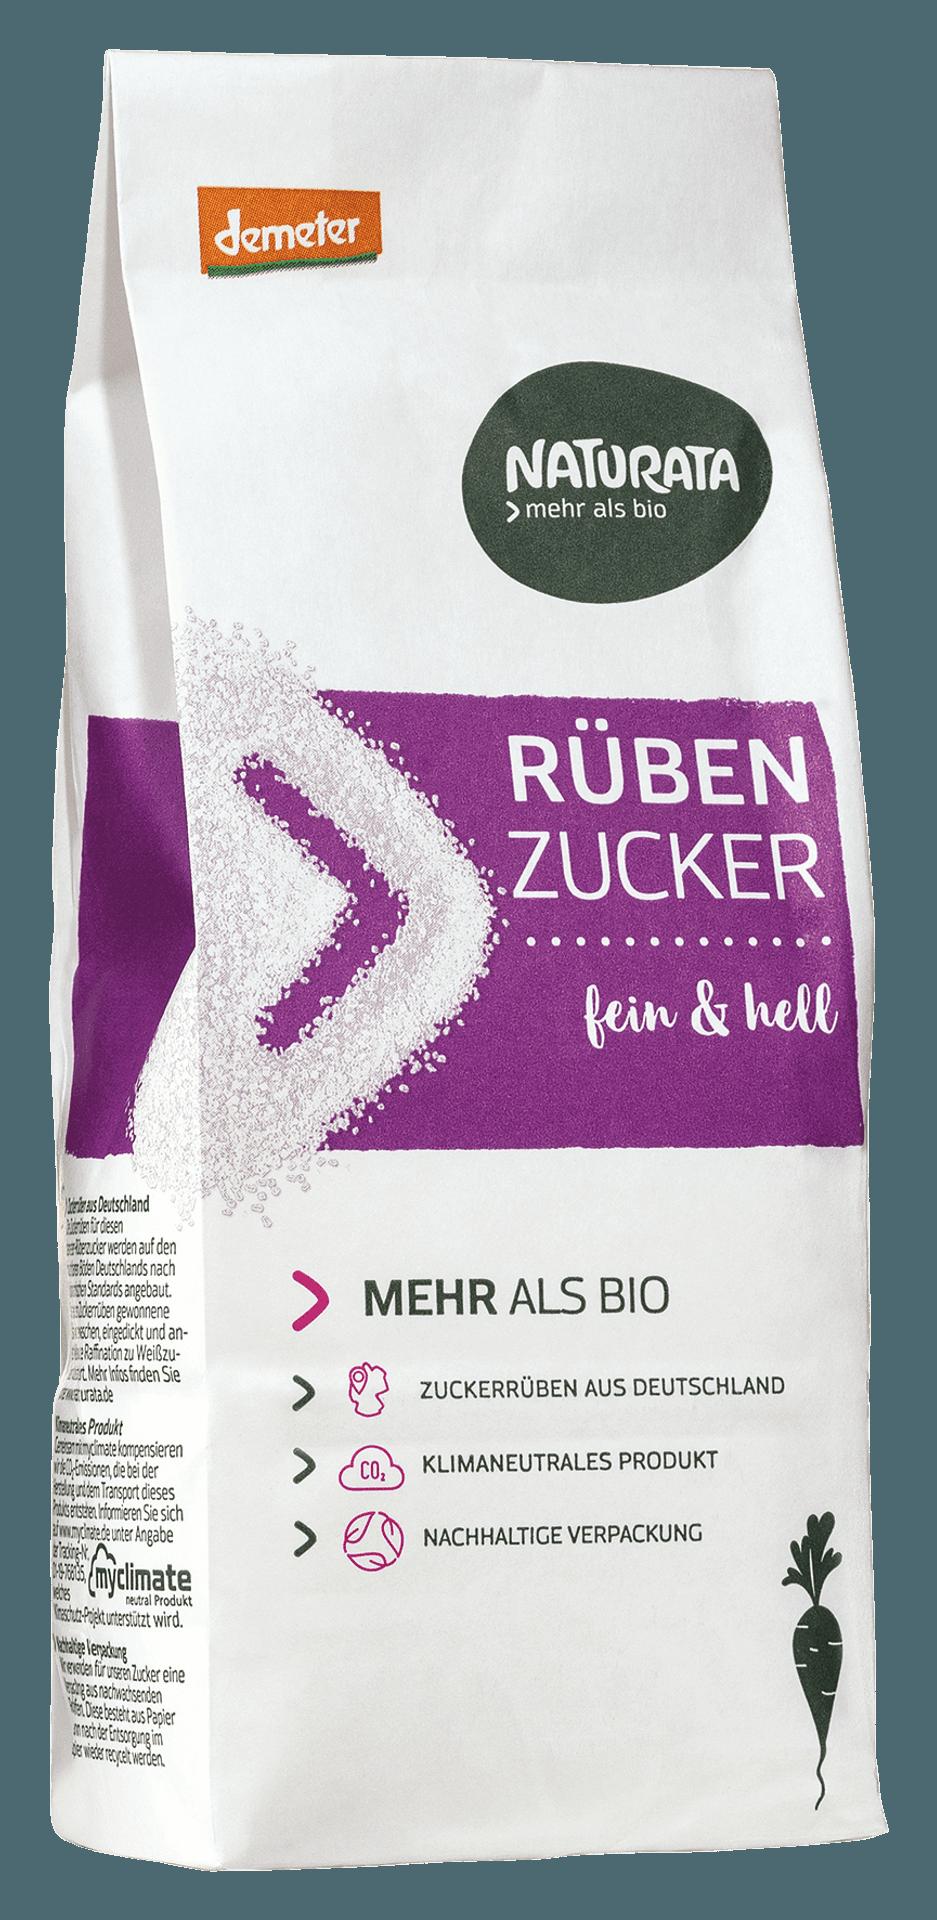 Paperverpackung mit Zucker